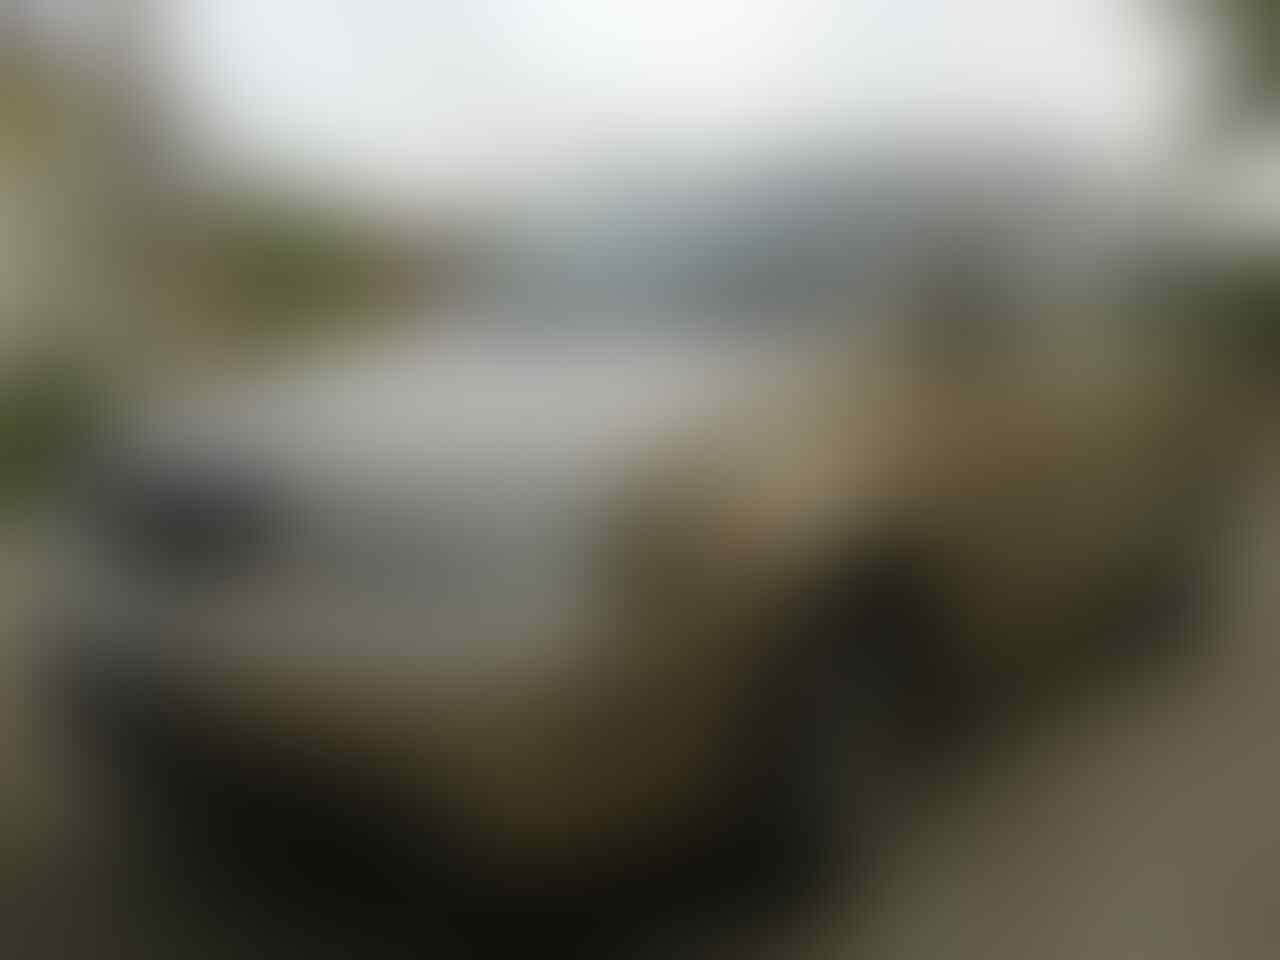 Kia Carens II AT 2007/2008,Pajak Baru, Low Km,Tangan Pertama dari Baru